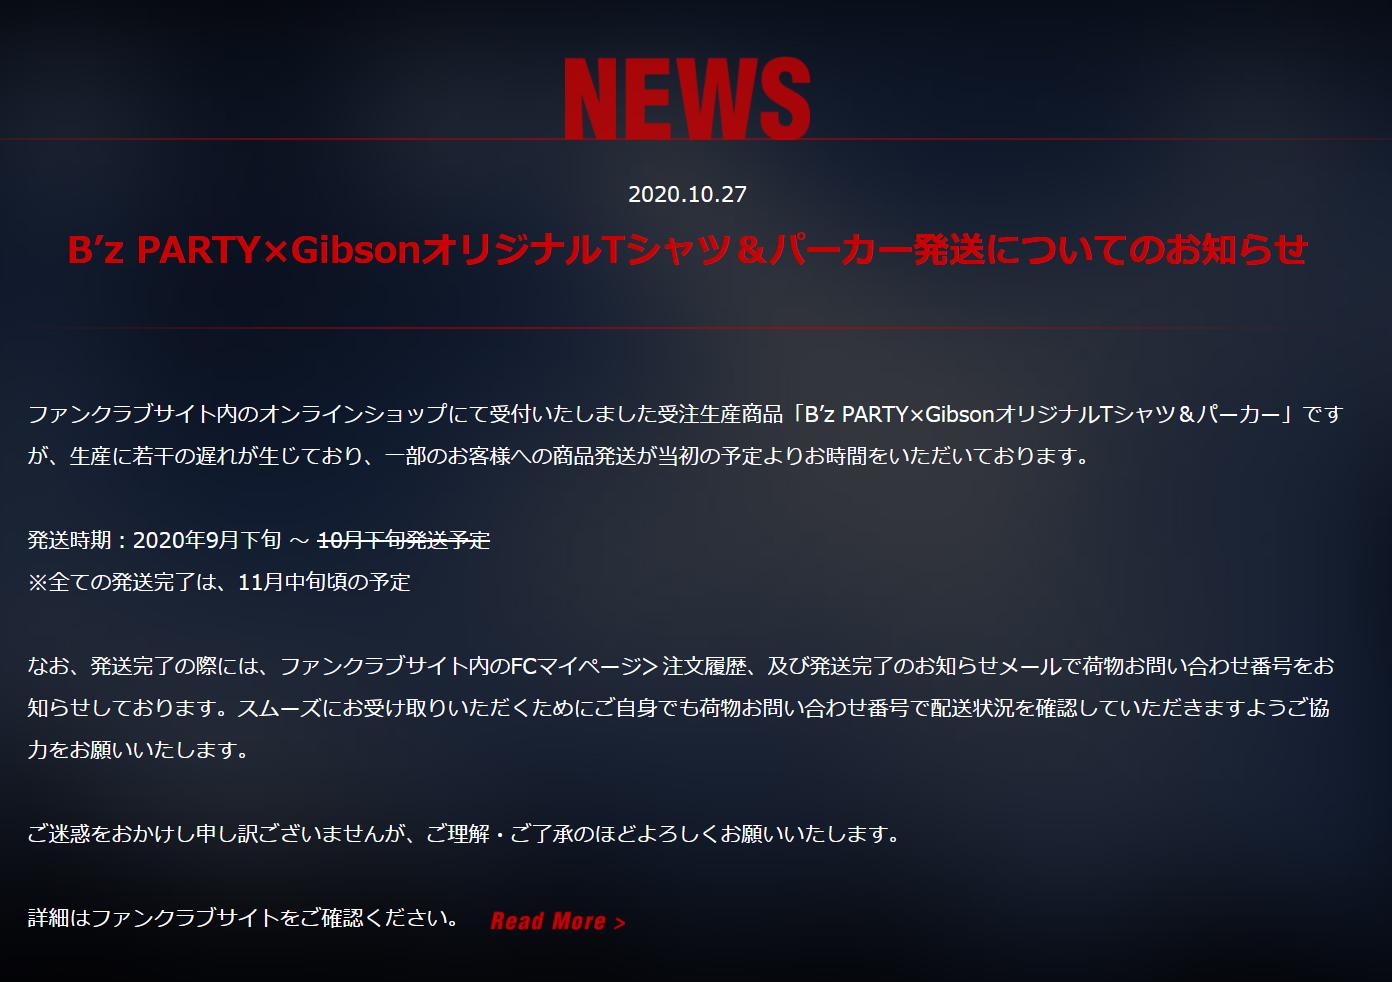 B'z公式サイトによる「B'z PARTY×GibsonオリジナルTシャツ&パーカー」コラボグッズ発送遅延のお知らせ